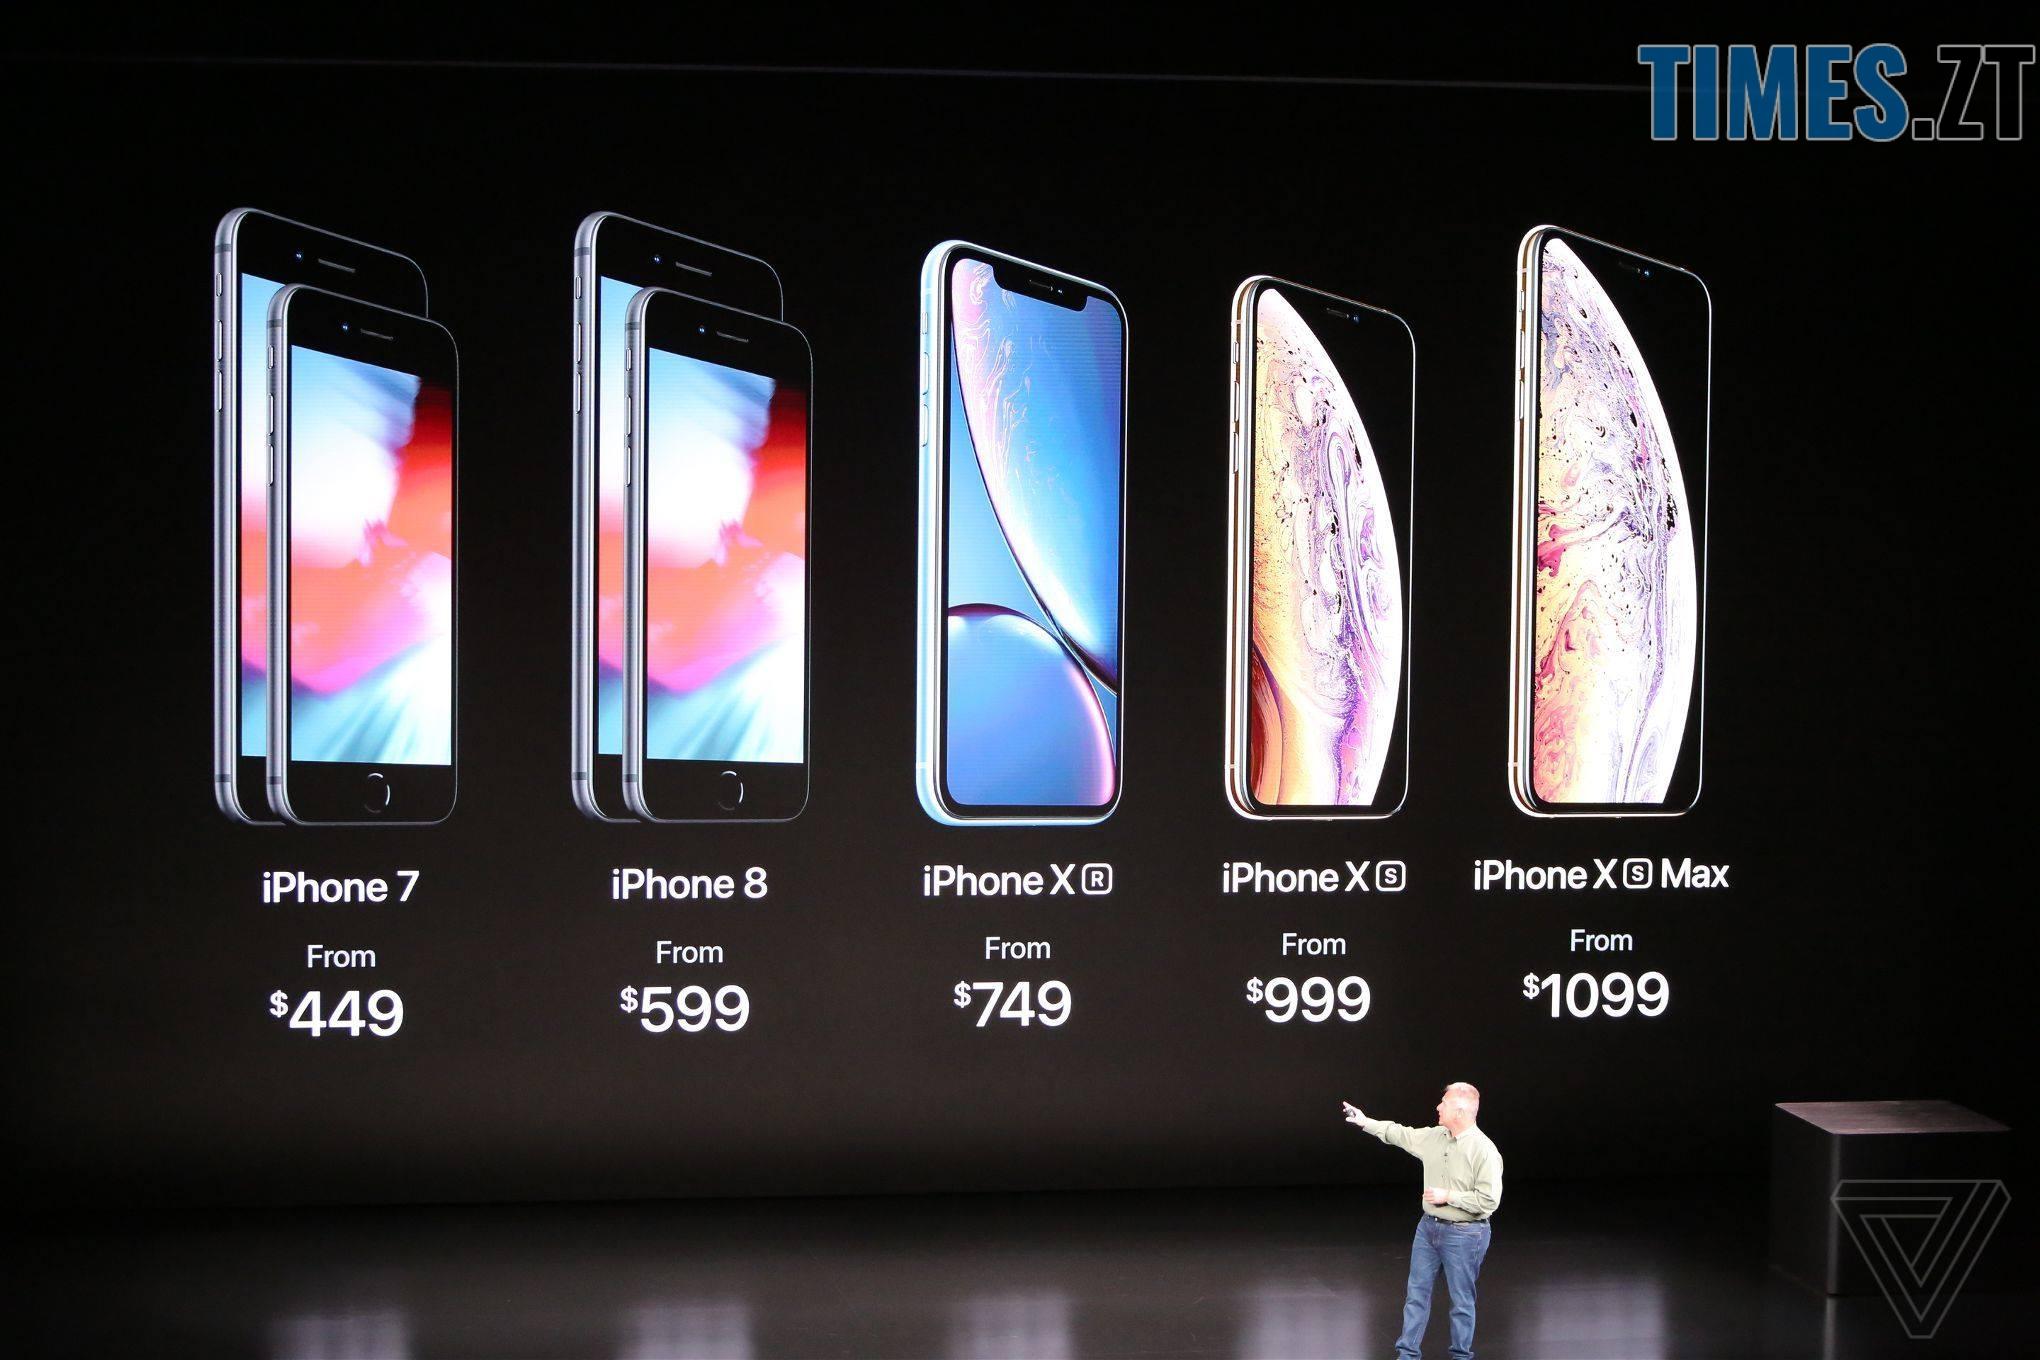 42558980 2145181289136327 6176973397617016832 n - Житомиряни в шоці від ціни на новий IPhone: тисяча доларів для телефону – захмарно